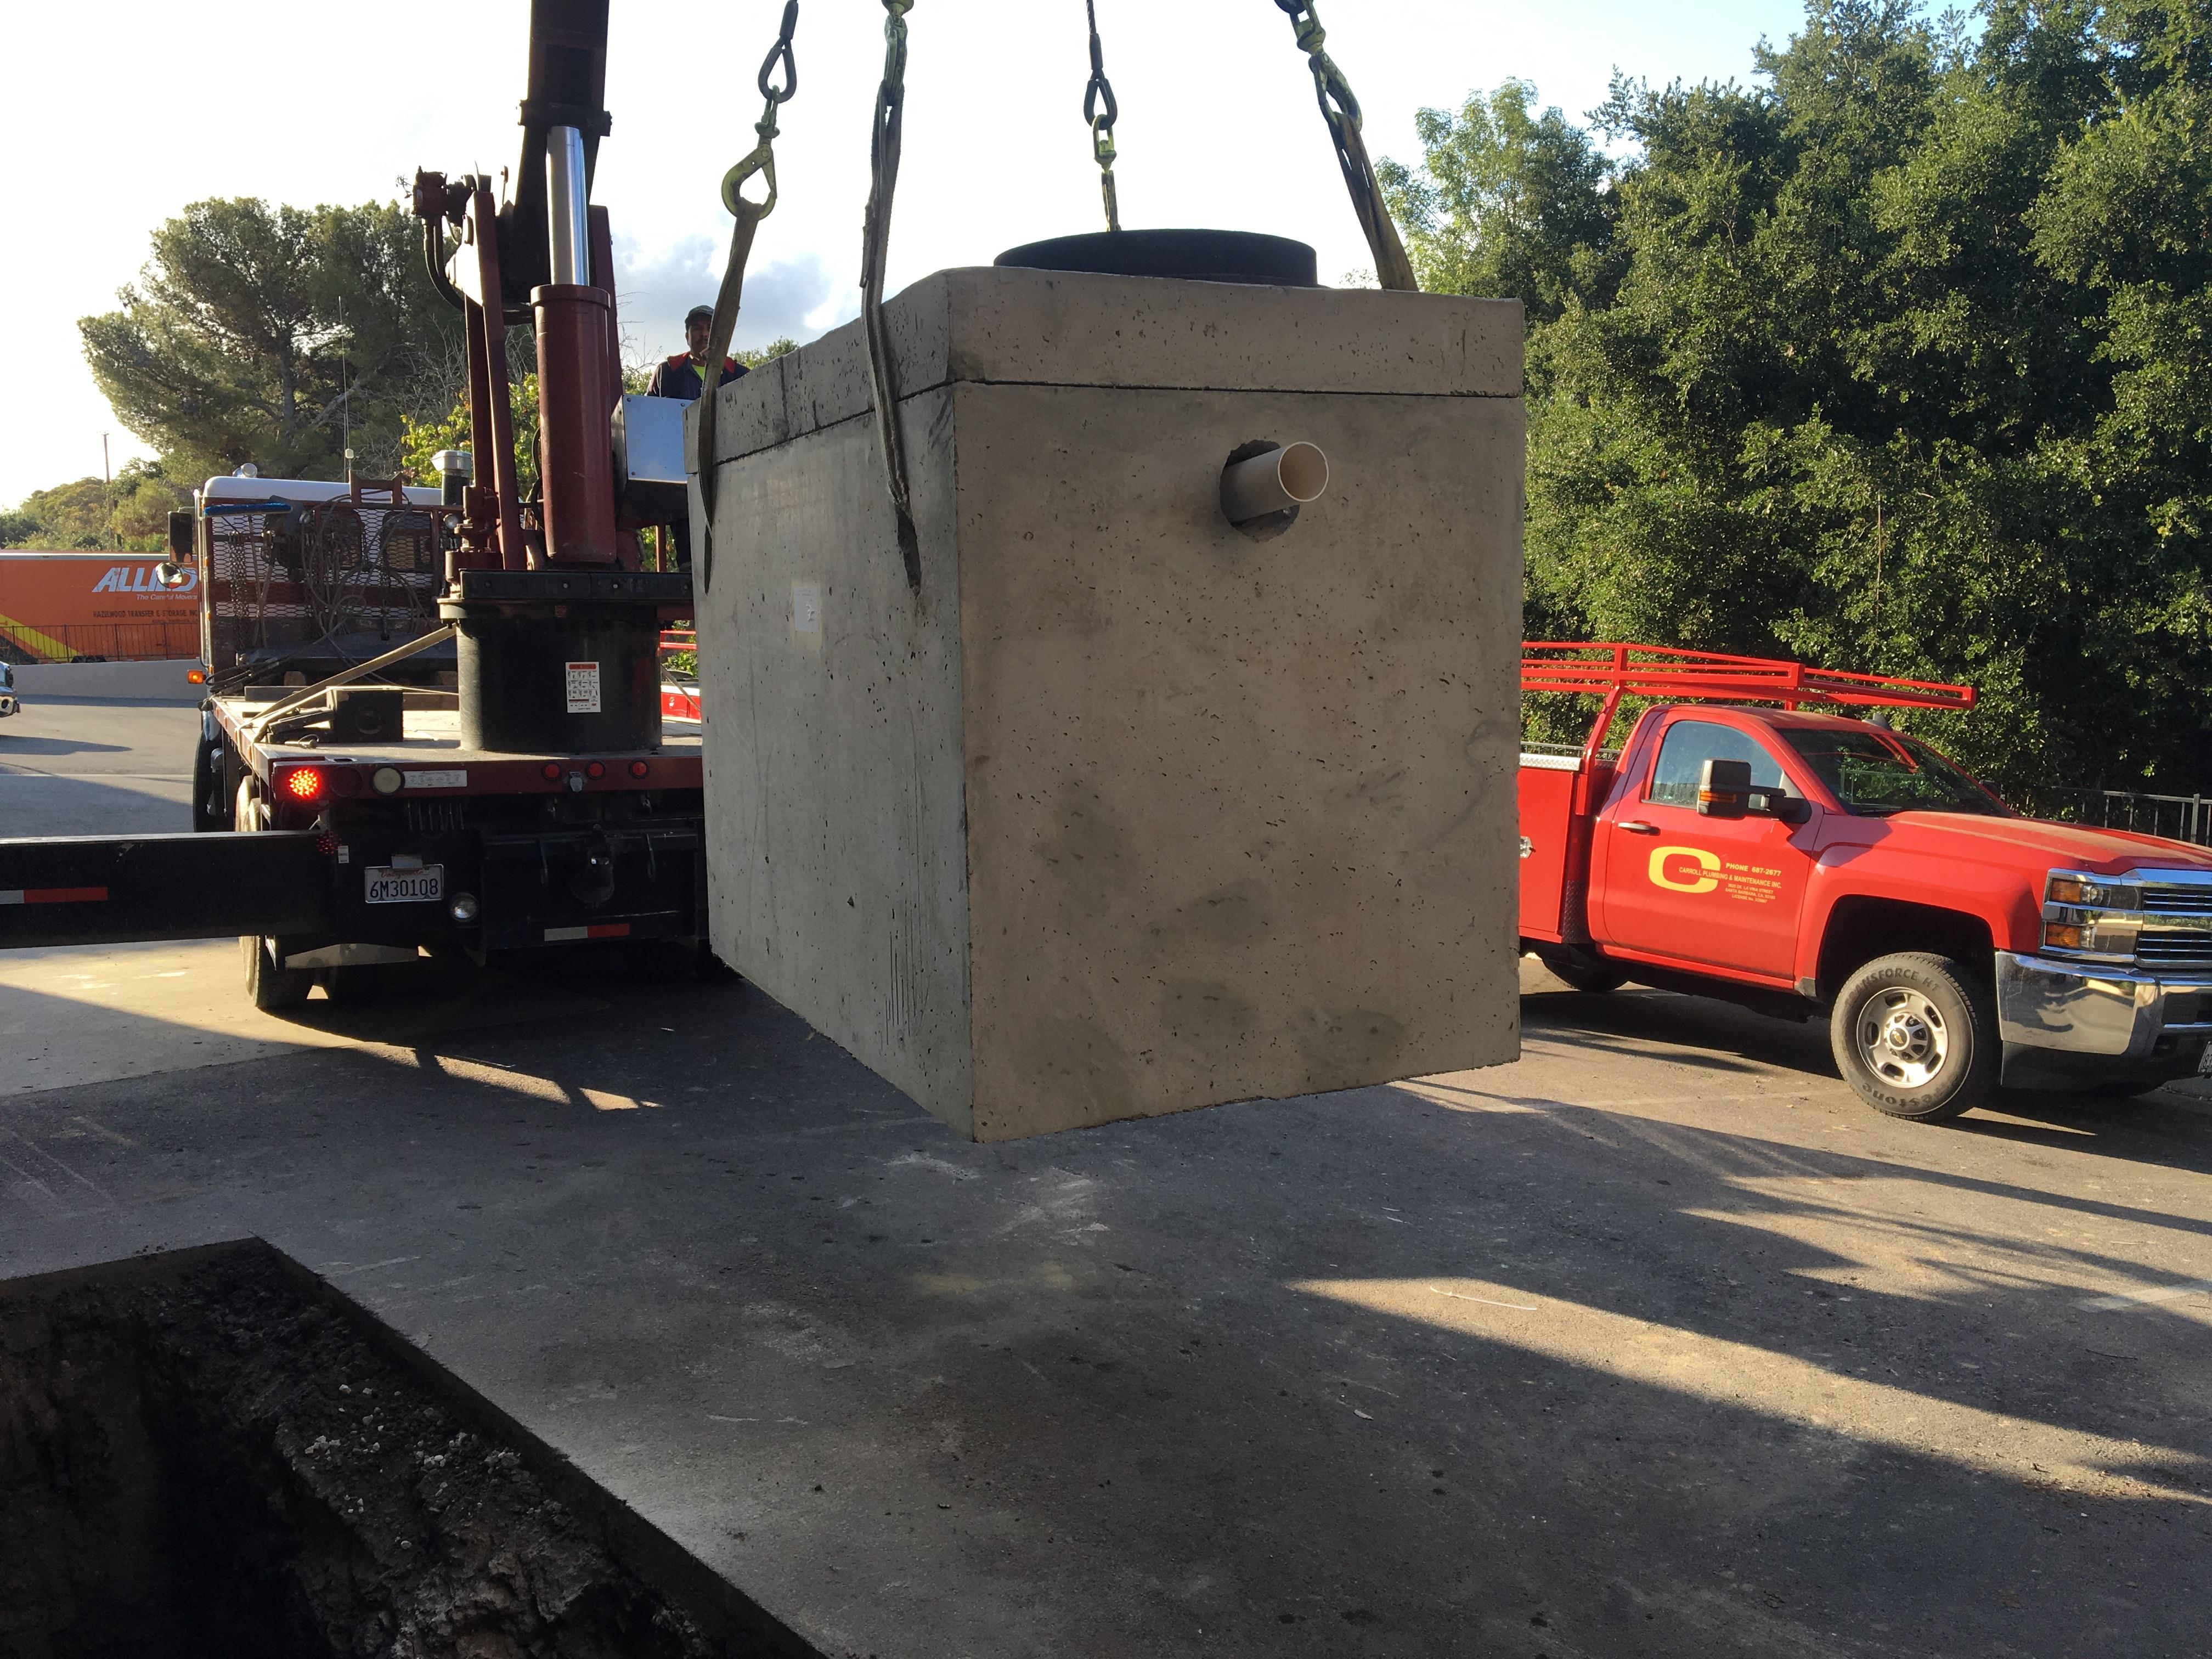 Carroll Plumbing & Maintenance Inc - Santa Barbara, CA